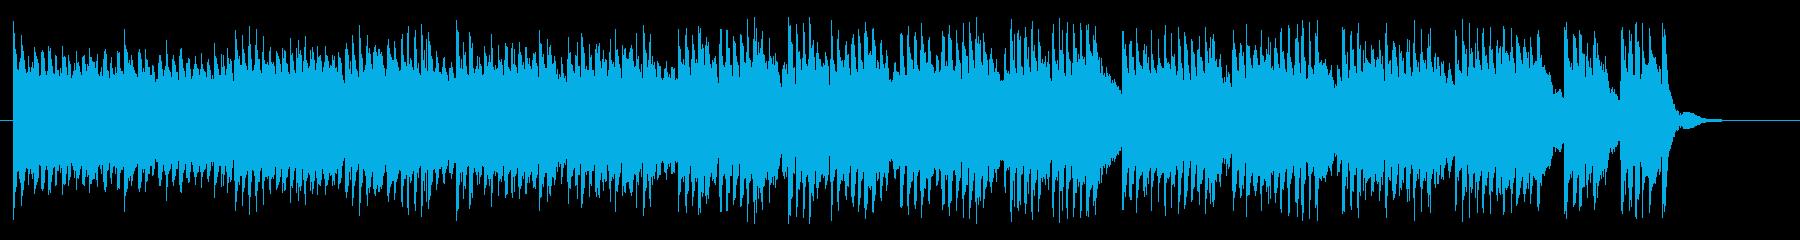 コンコスによるセムラ・ソングの再生済みの波形